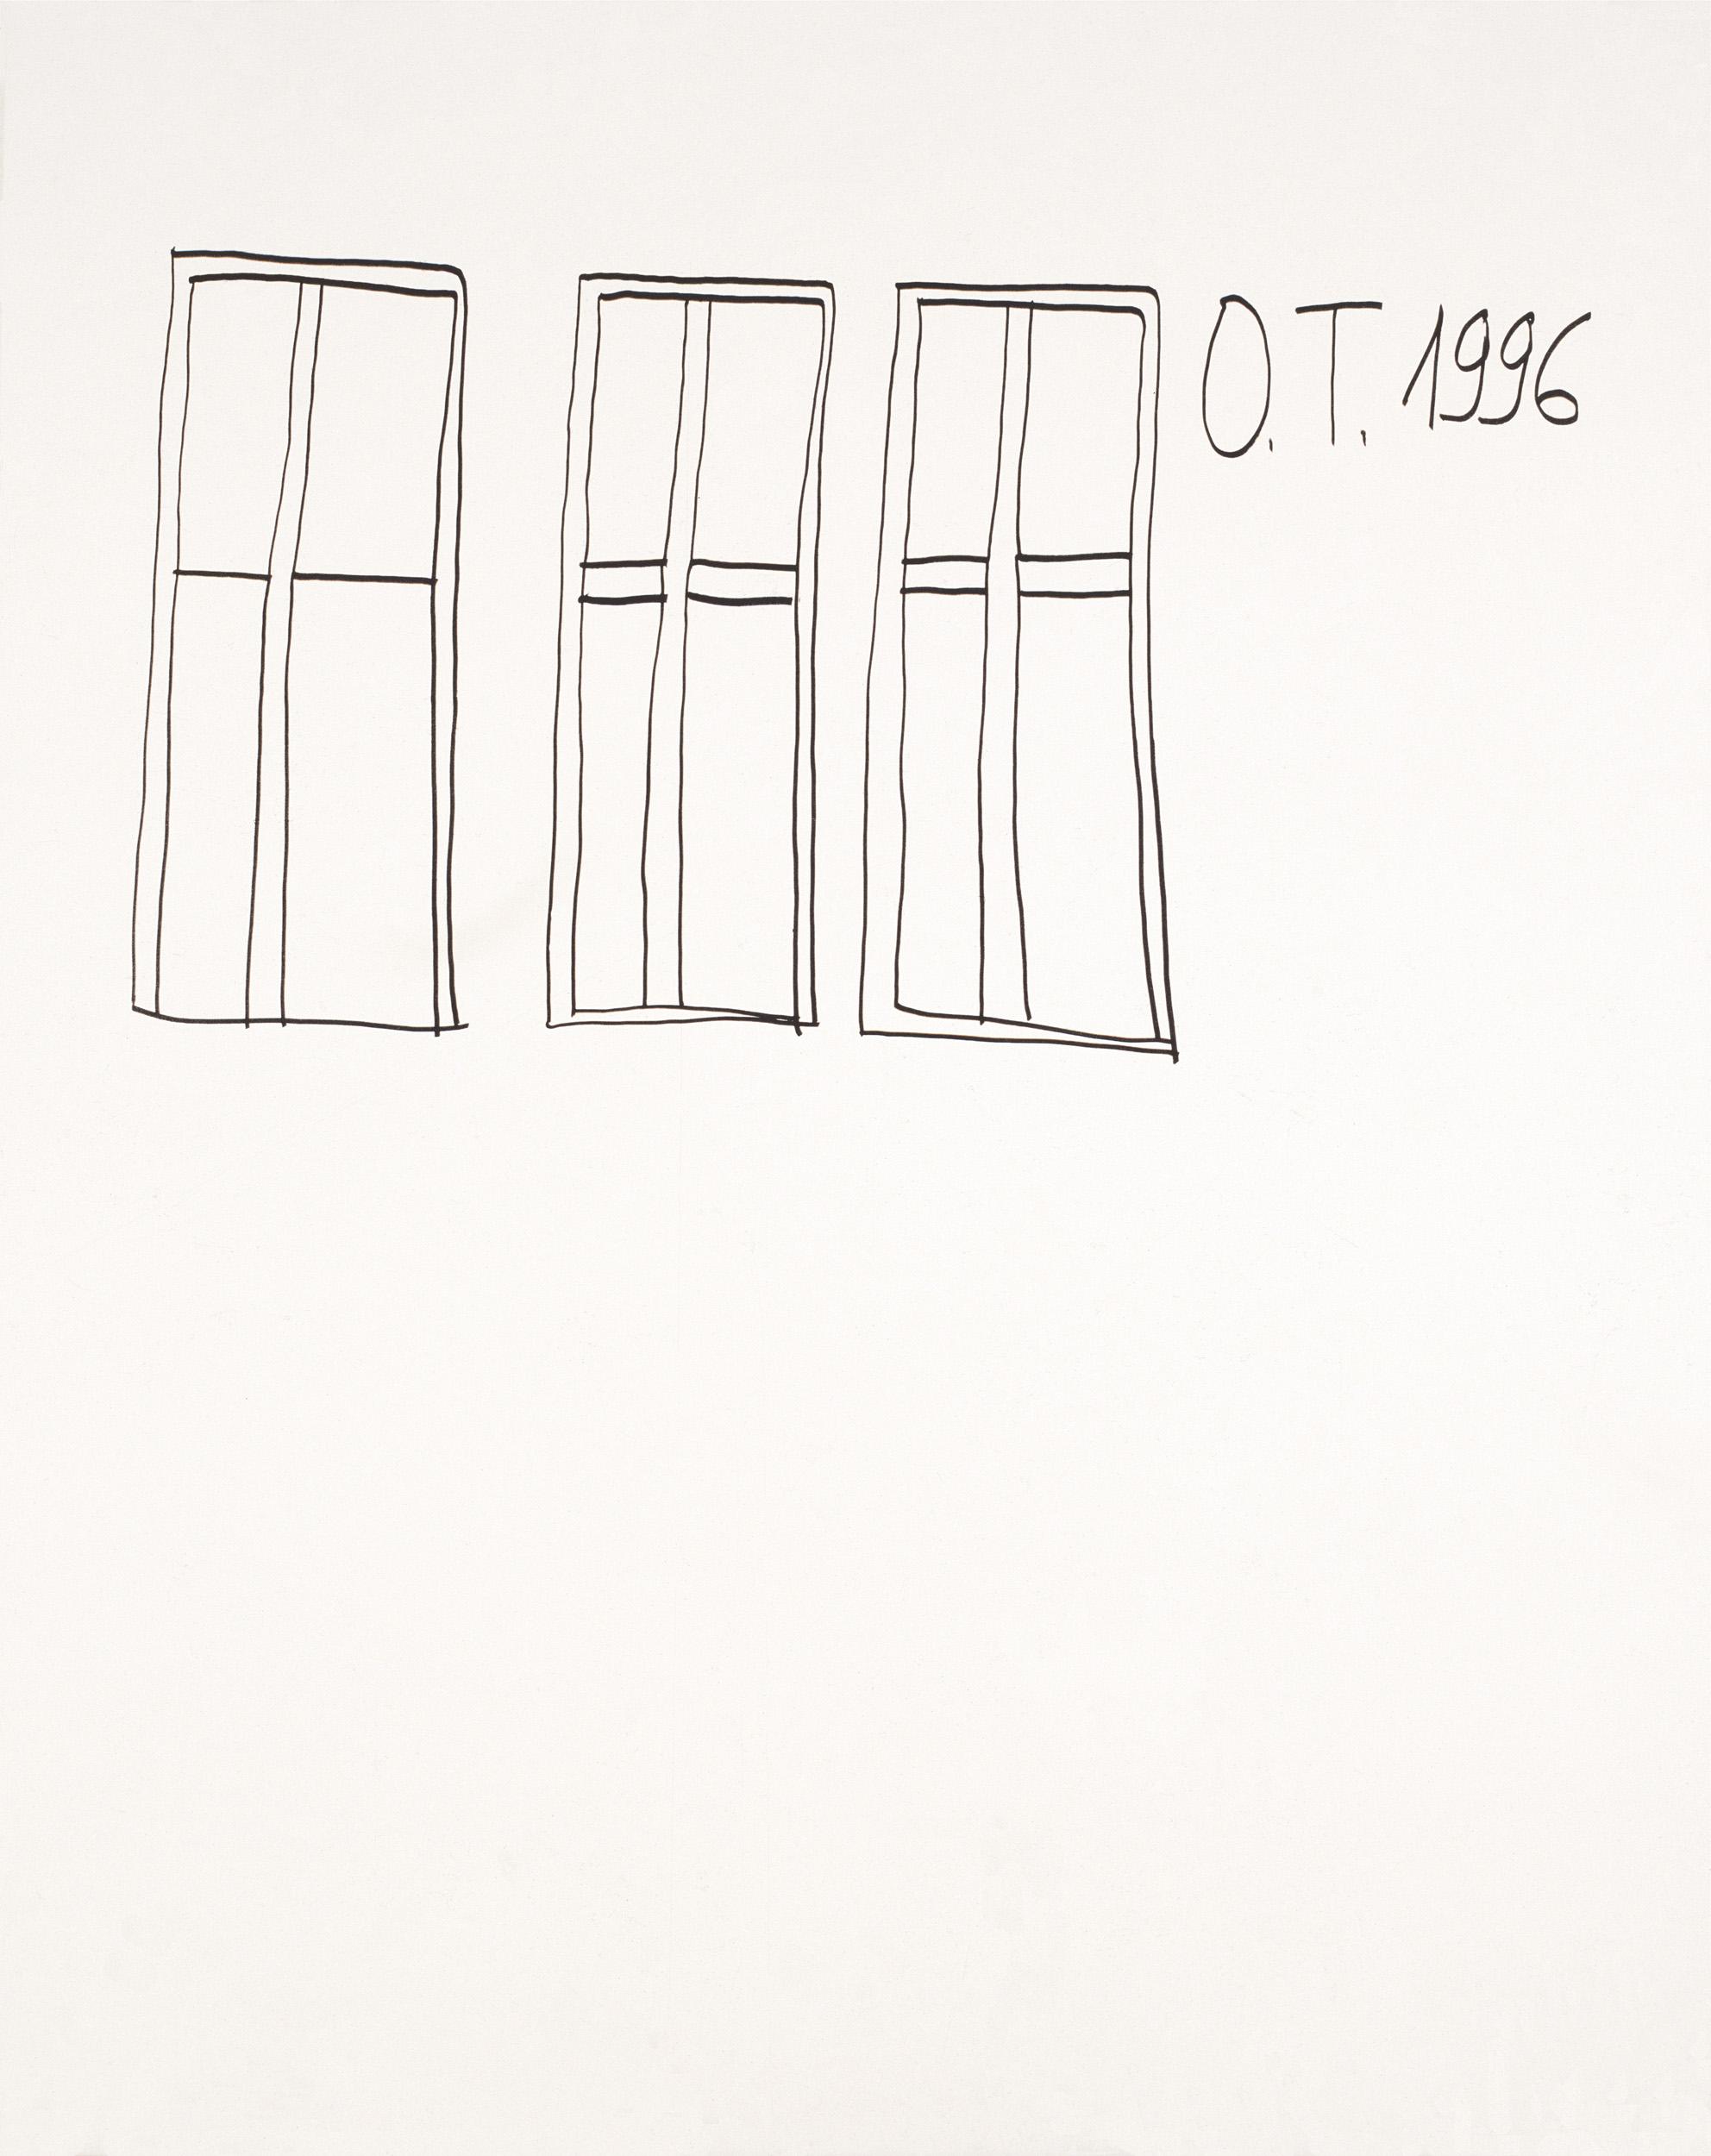 tschirtner oswald - Drei Fenster / Three Windows